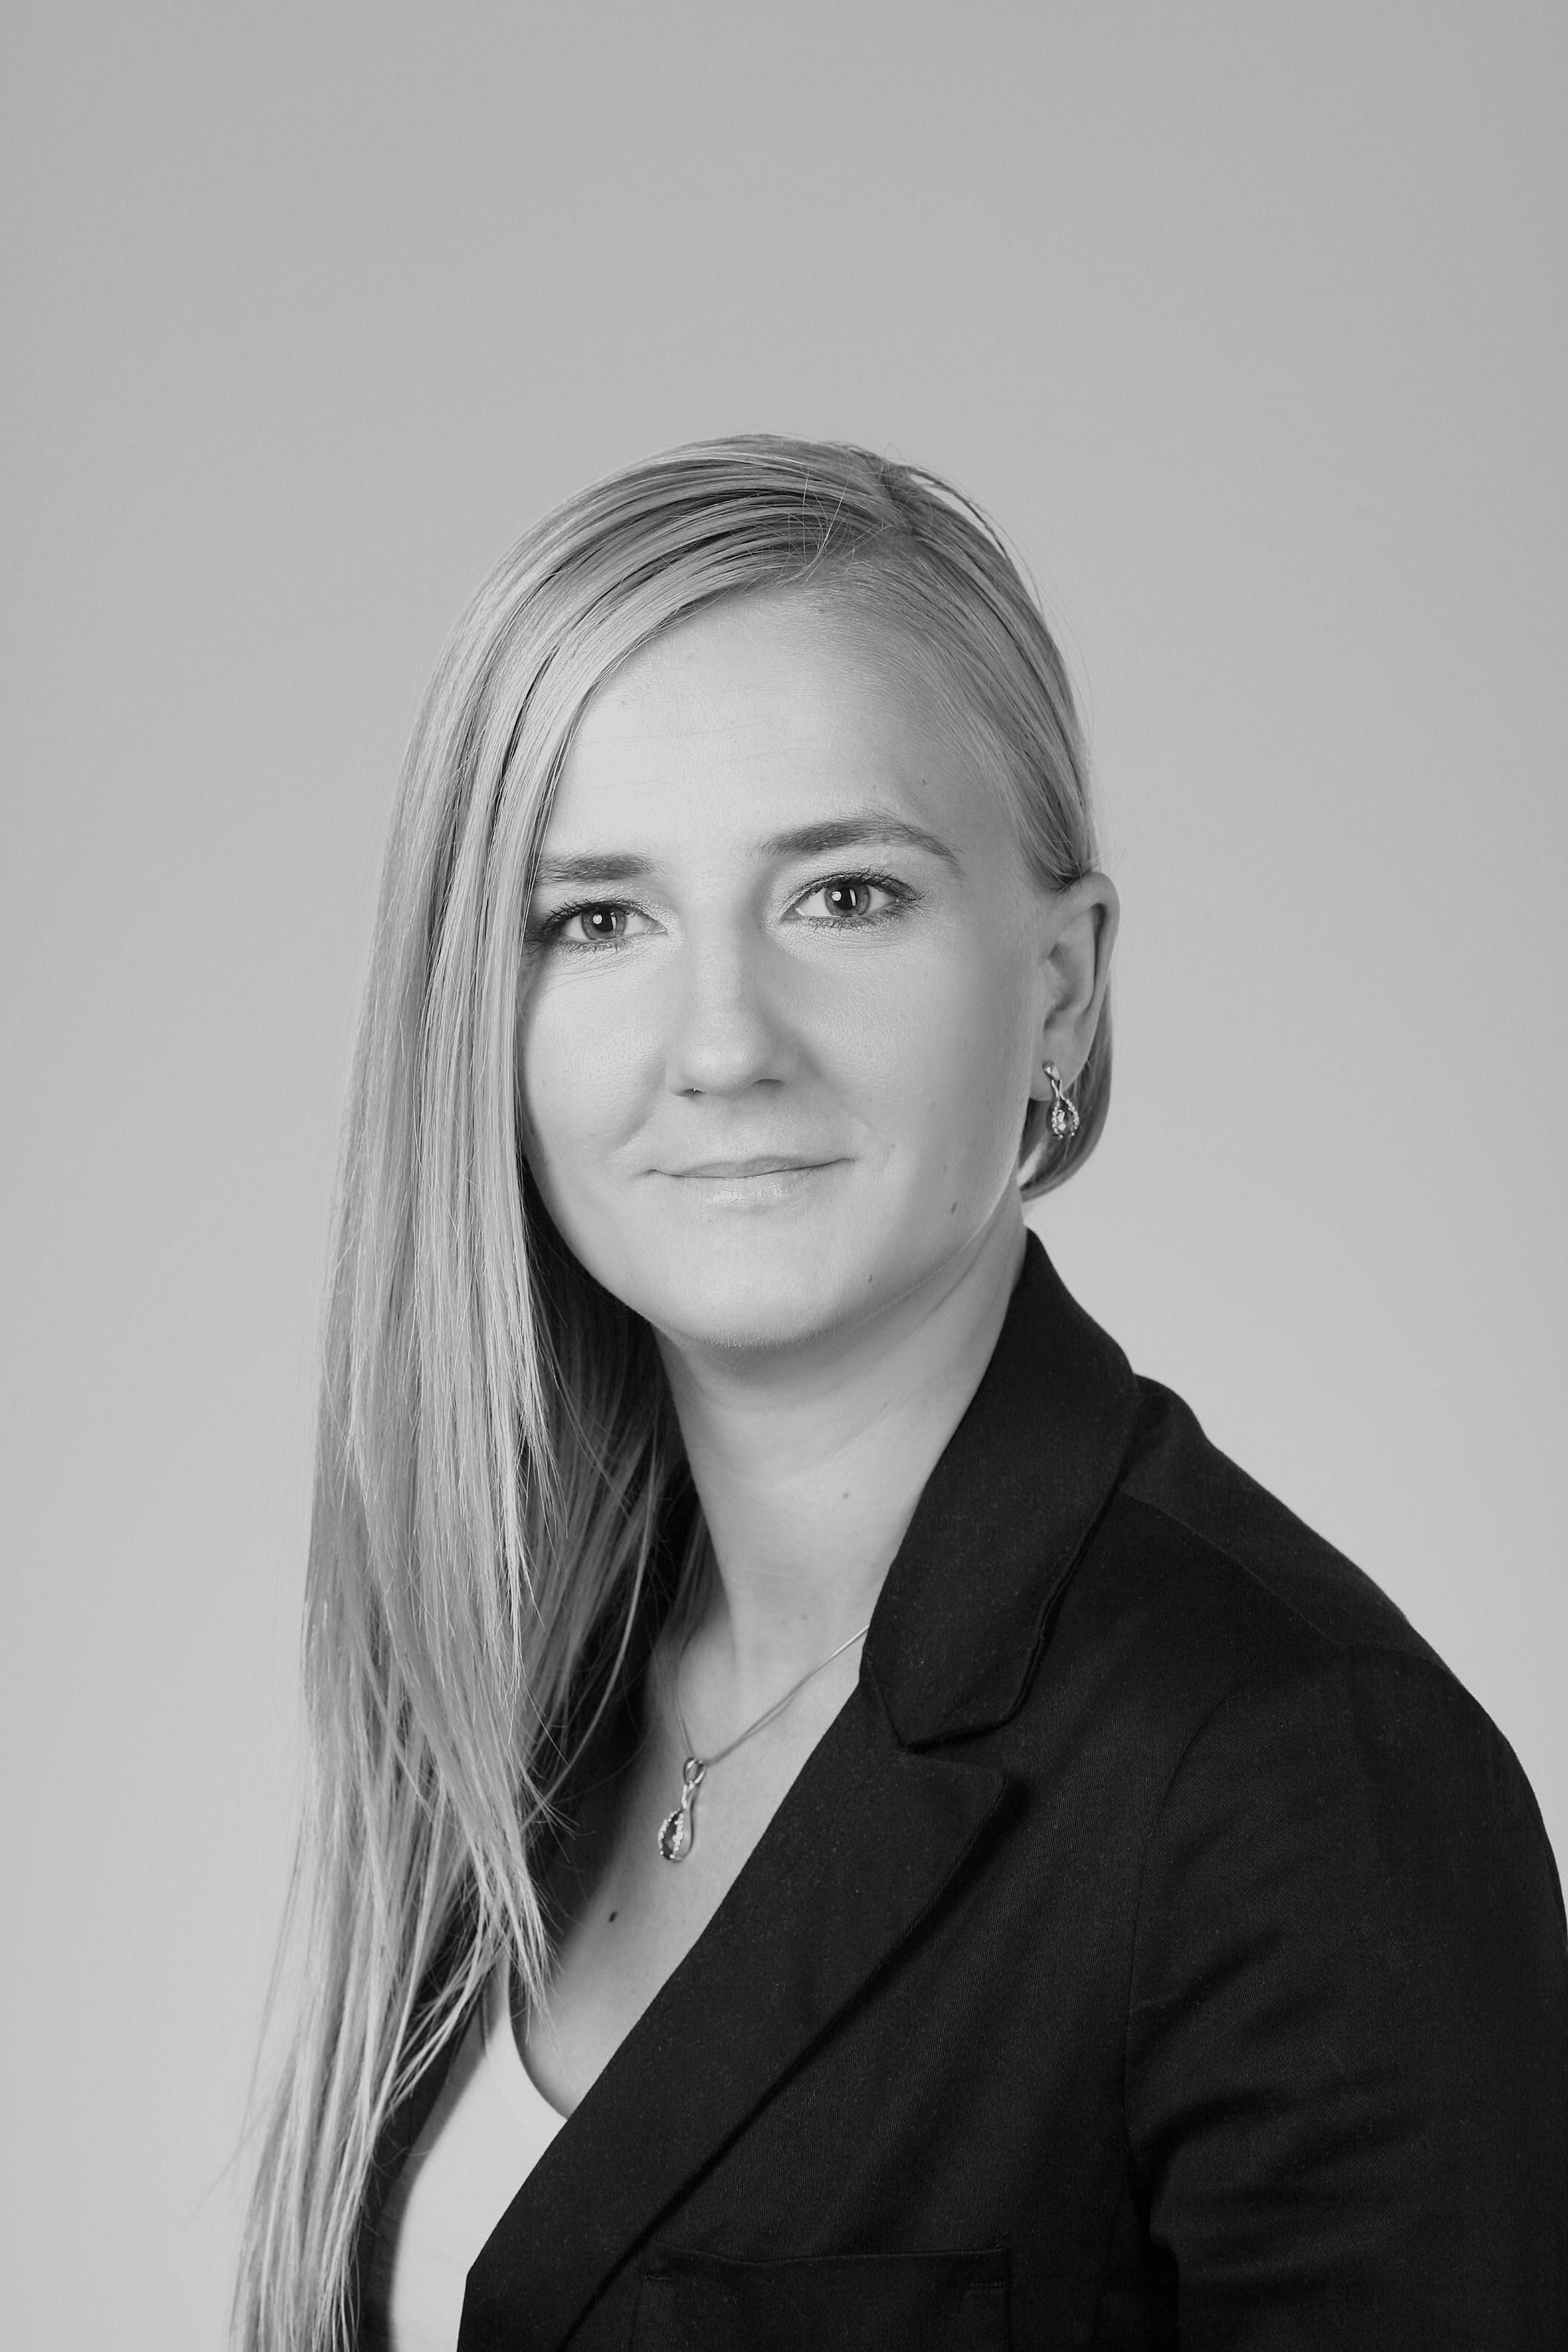 Aurelia Uchman